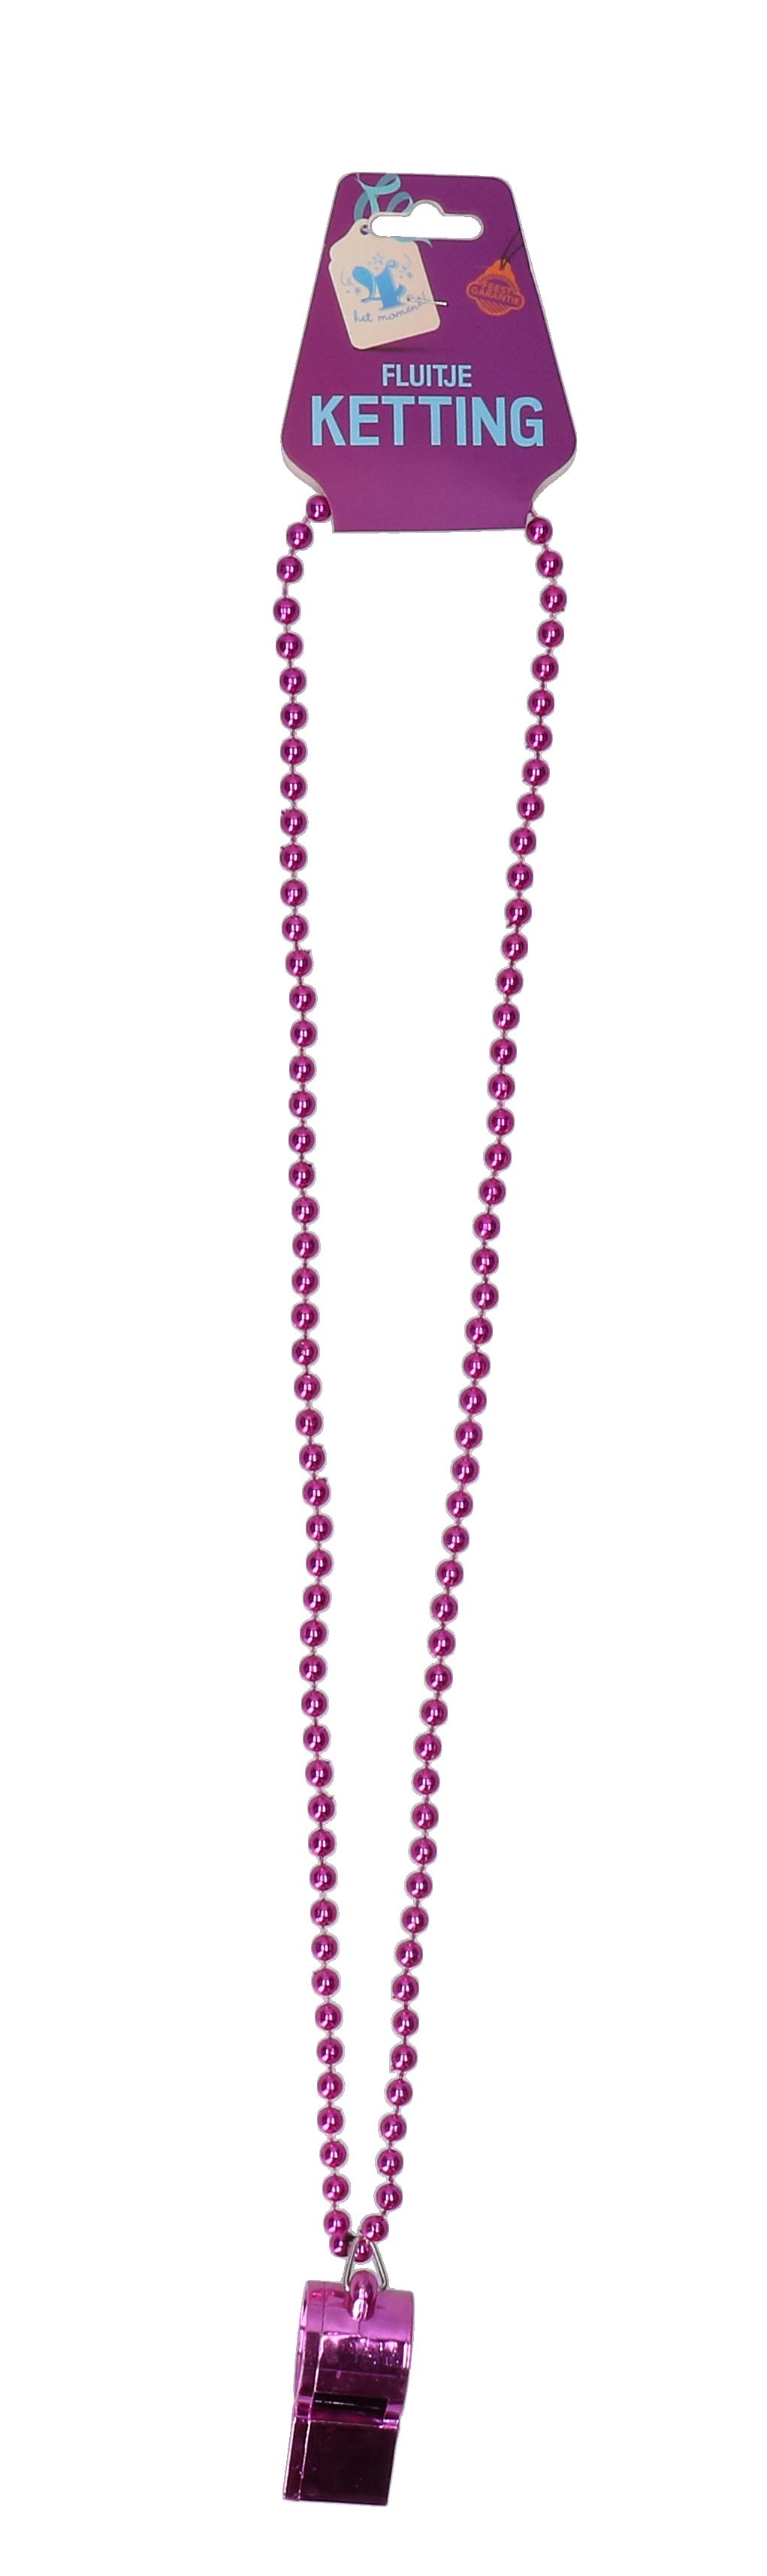 Kralenketting met paars fluitje